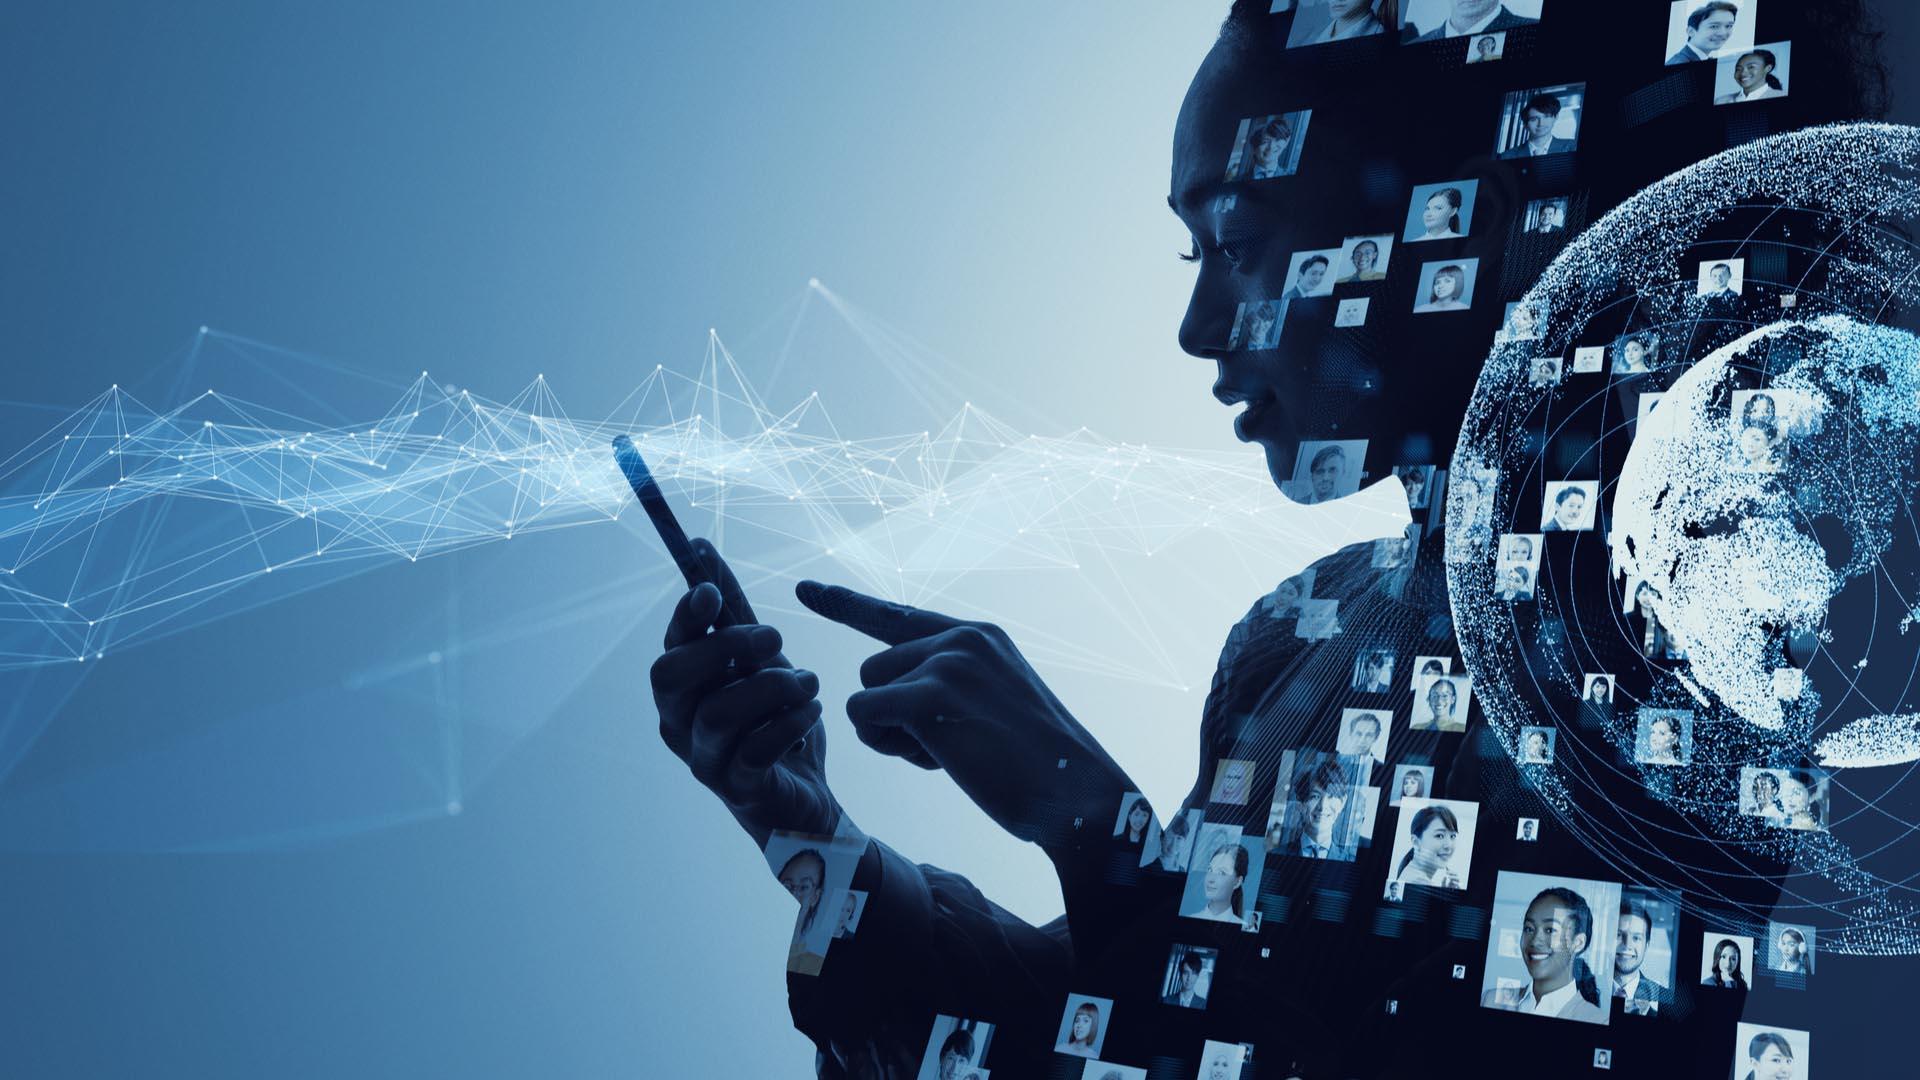 Il Gdpr e la protezione dei dati nella società algoritmica: i nuovi sviluppi normativi e giuridici